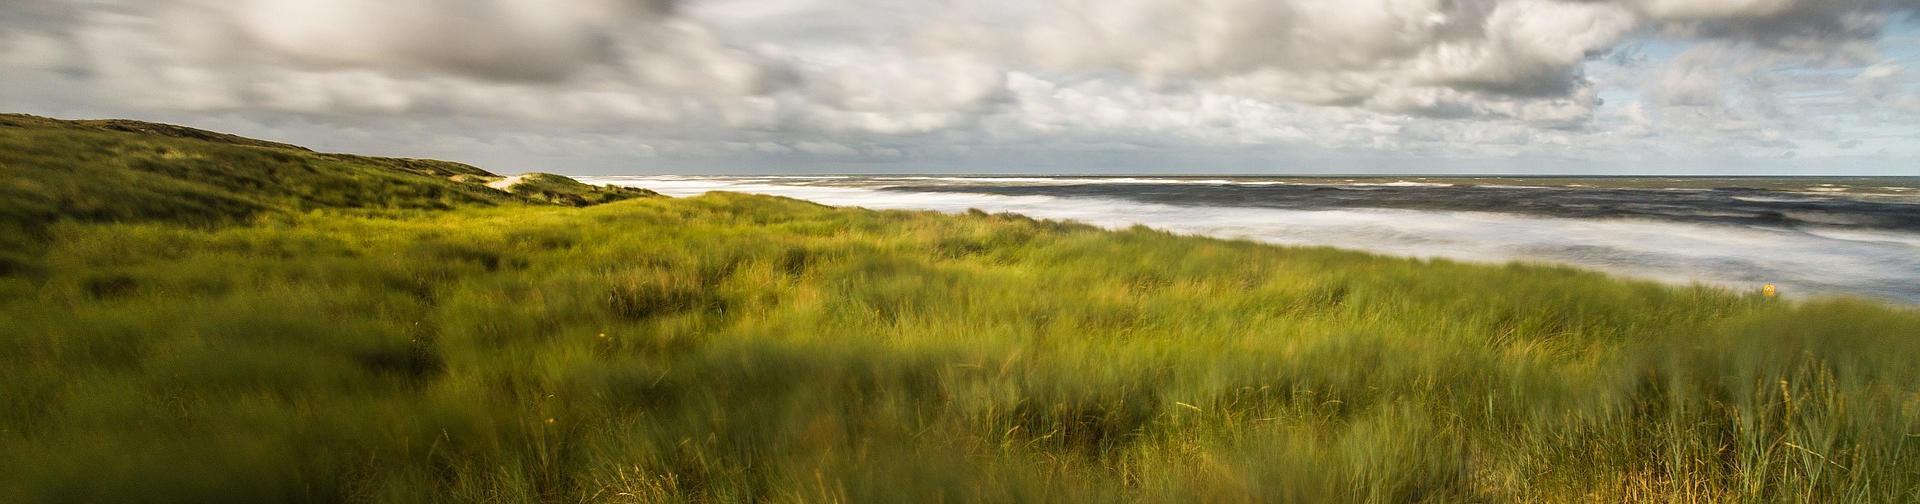 Blick auf dem Meer mit Wolken und Gräser